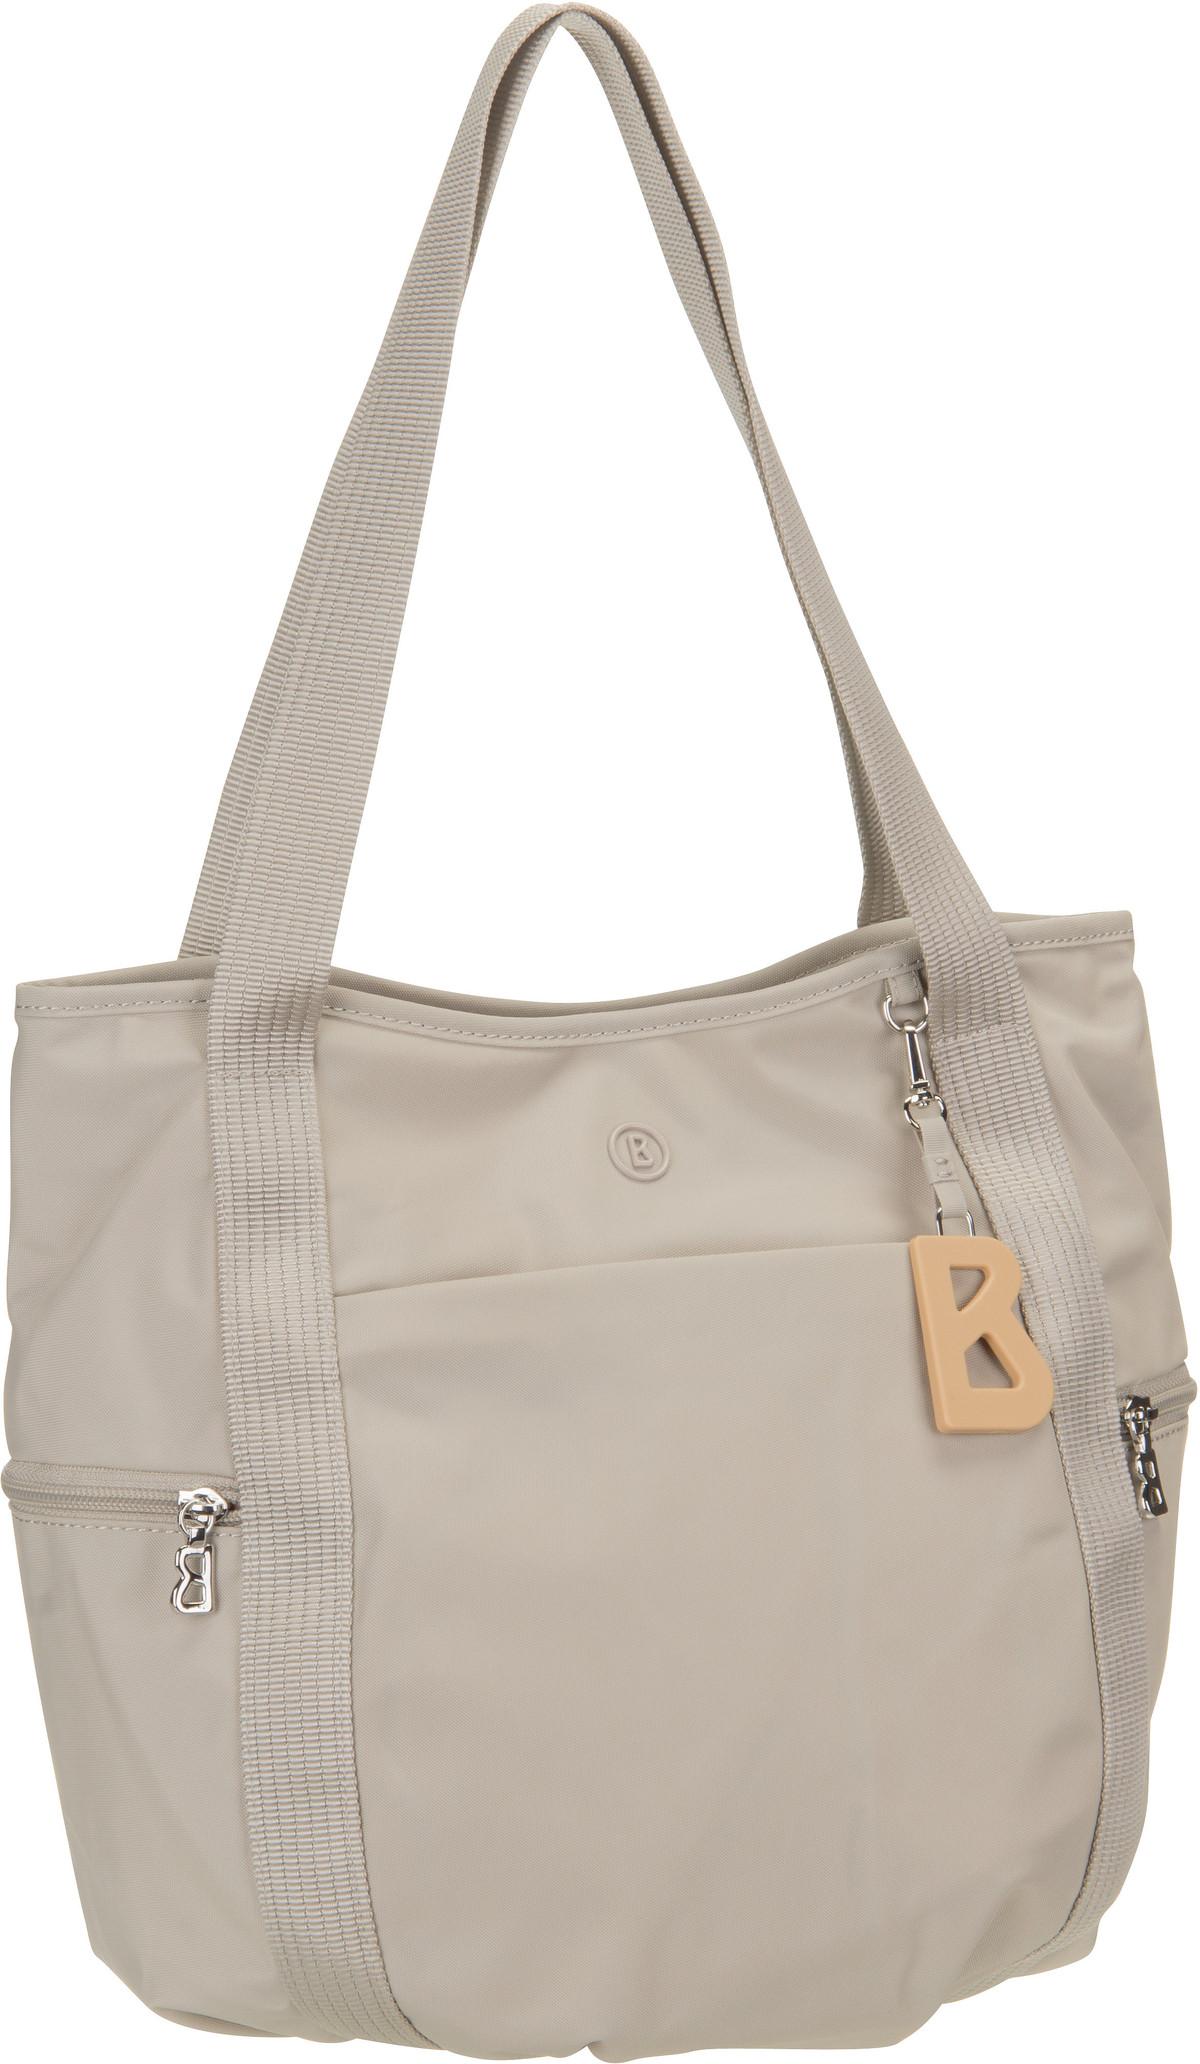 Handtasche Verbier Vlexa Shopper LHZ Lightgrey